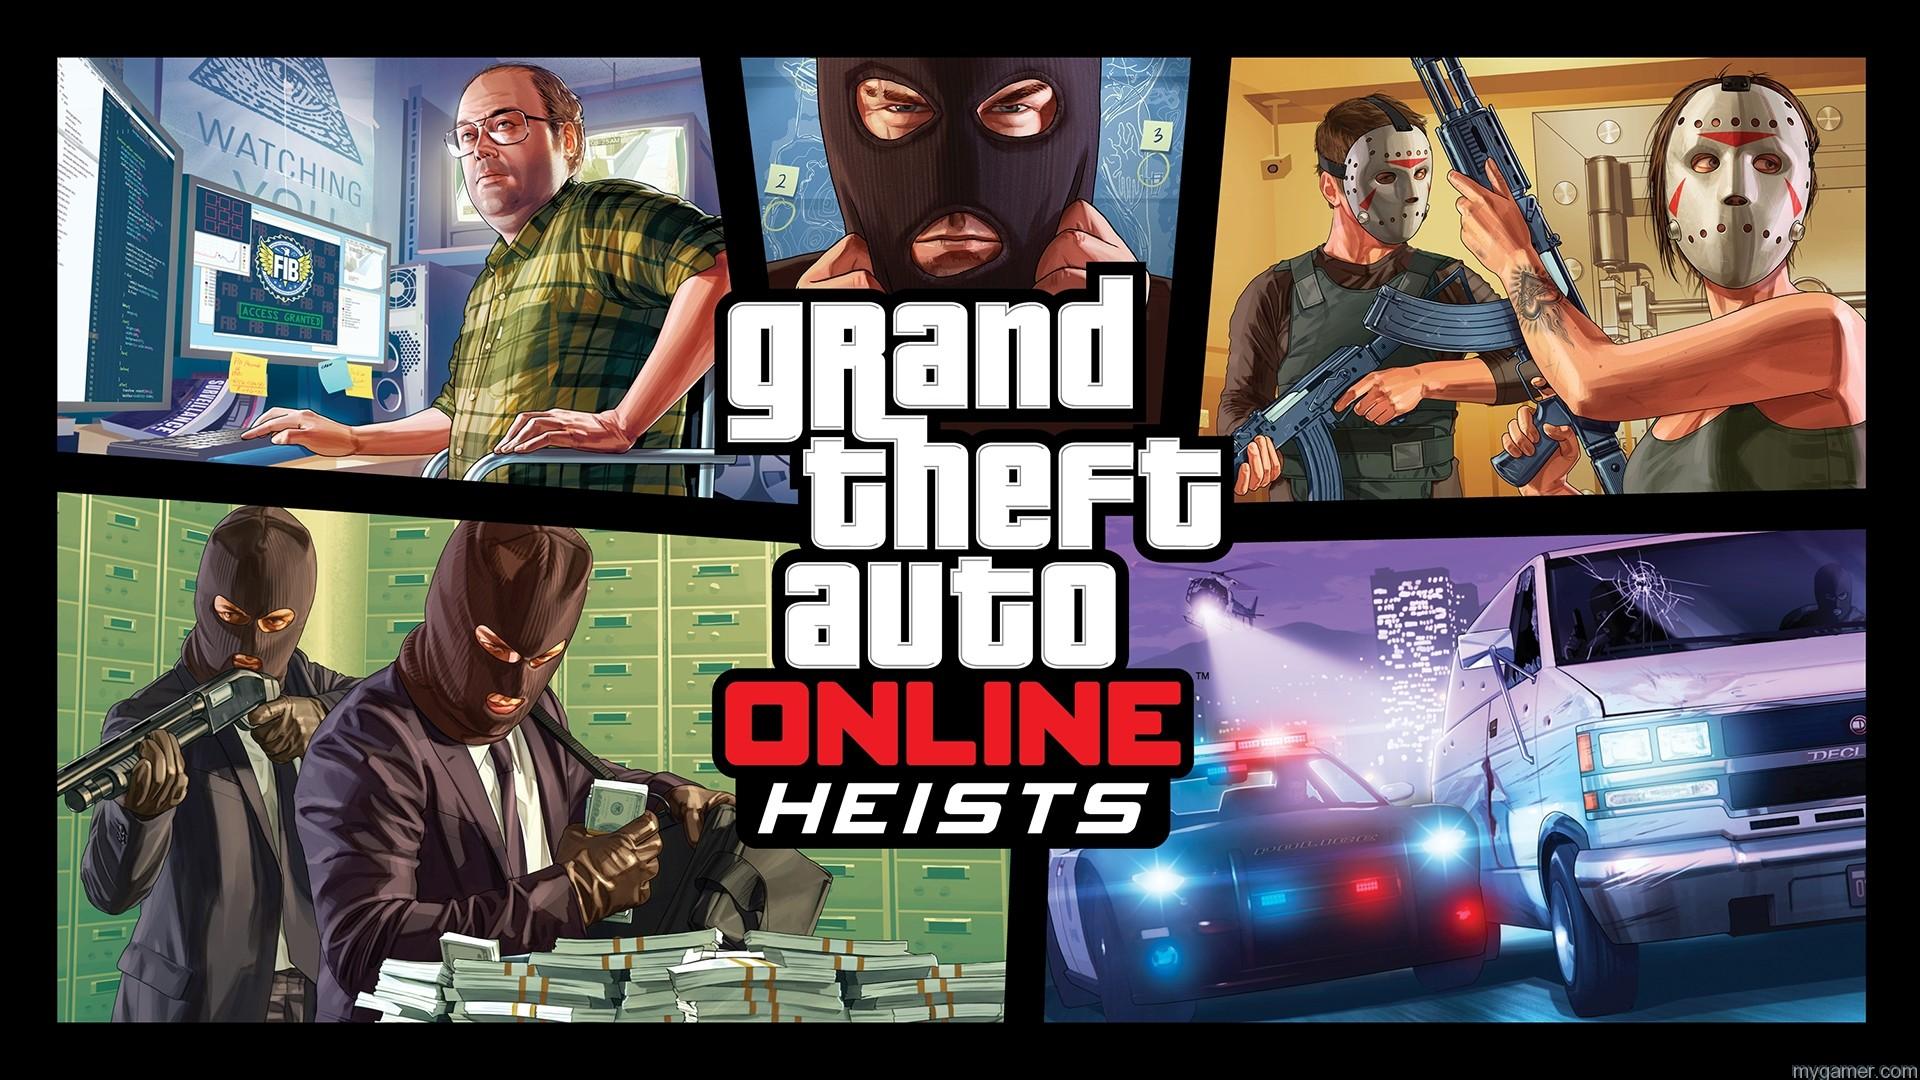 GTA Online: Heists GTA Online: Heists Trailer and New Info GTA Online: Heists Trailer and New Info 1920x1080 Heists